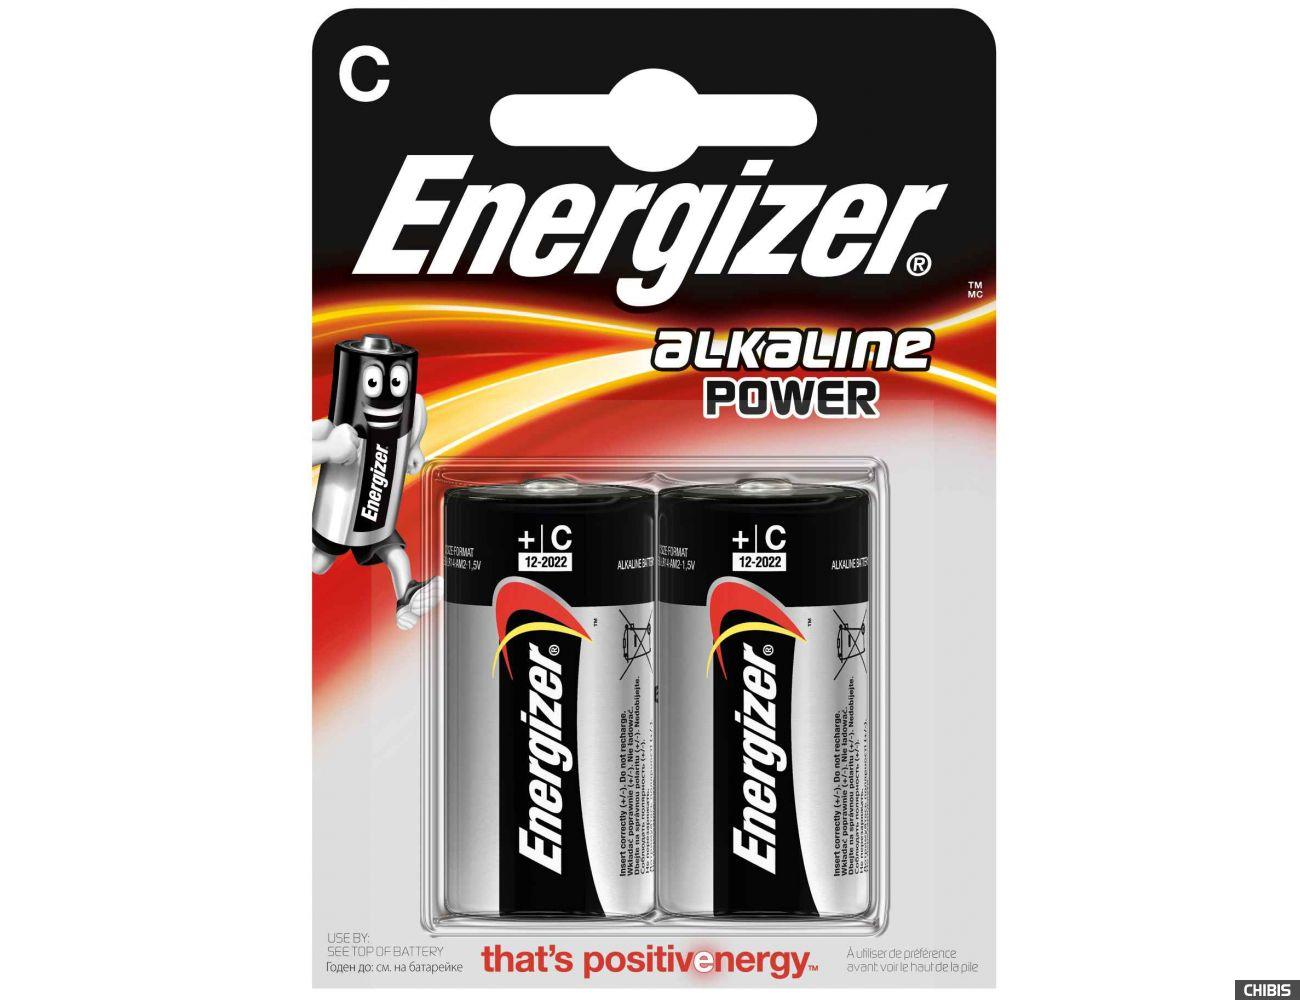 Батарейка C LR14 Energizer Alkaline Power 1.5V 1/2 шт.